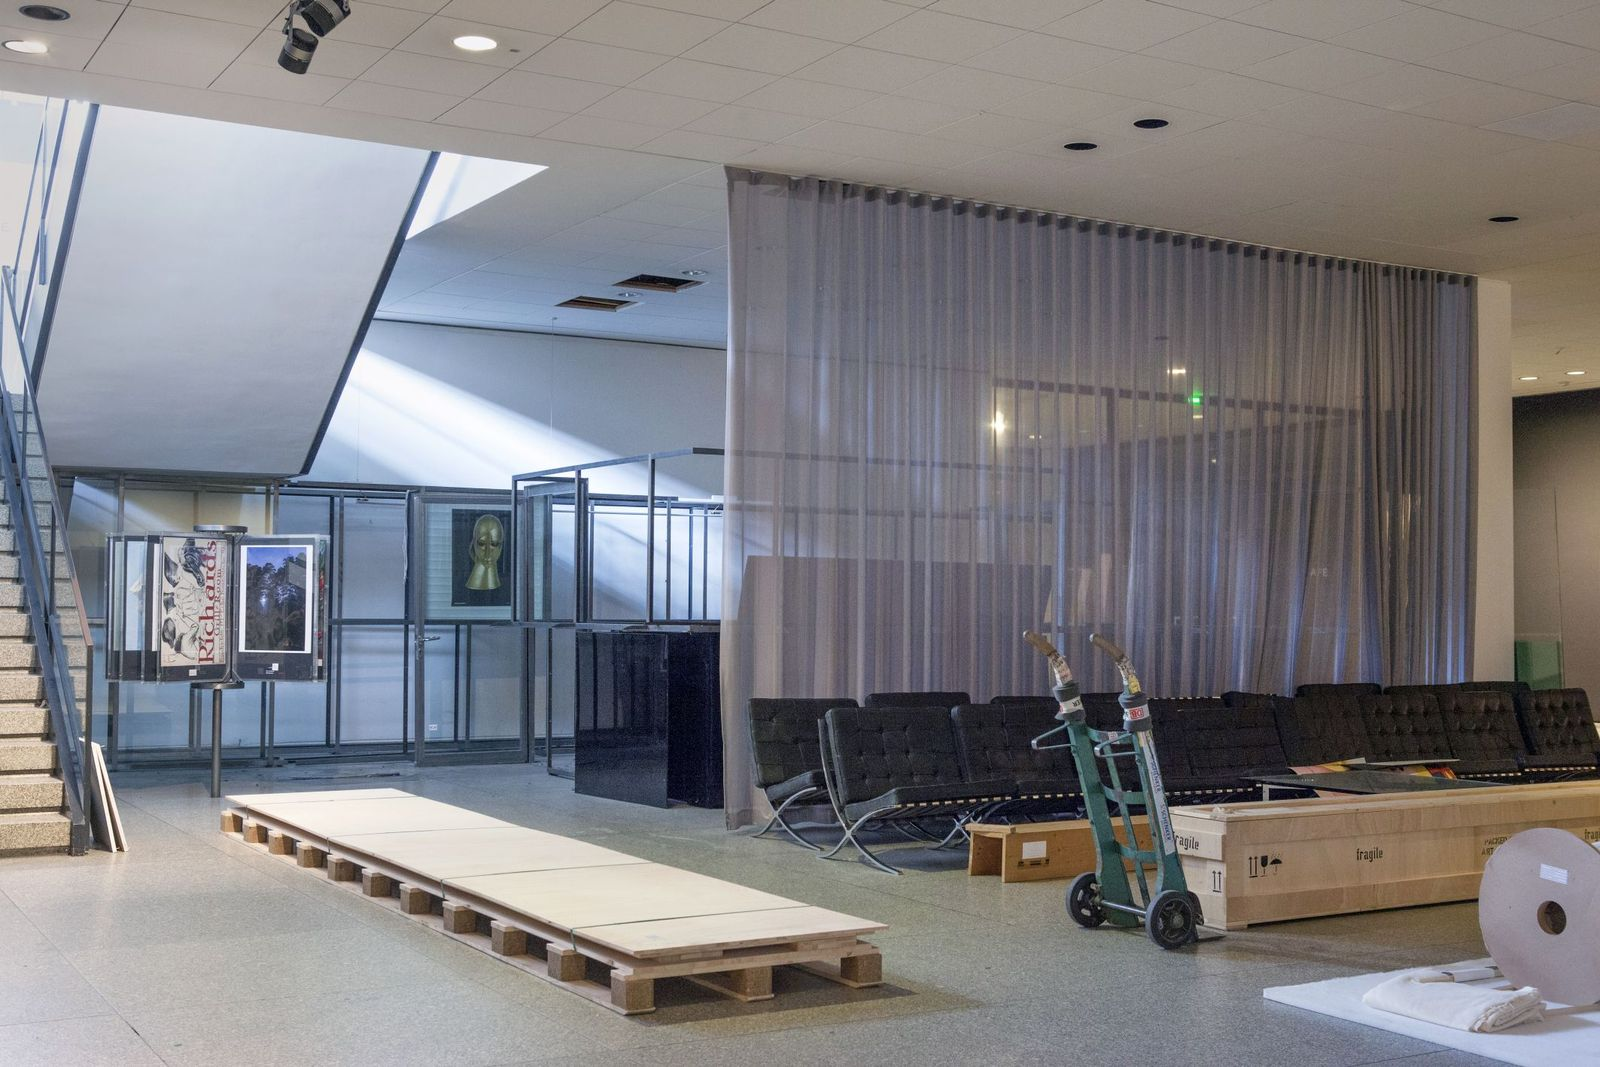 Der ehemalige Museumsshop war ein Provisorium und entsprach nicht modernen Anforderungen - er wird im Rahmen der Sanierung neu konzipiert. Foto: Juliane Eirich